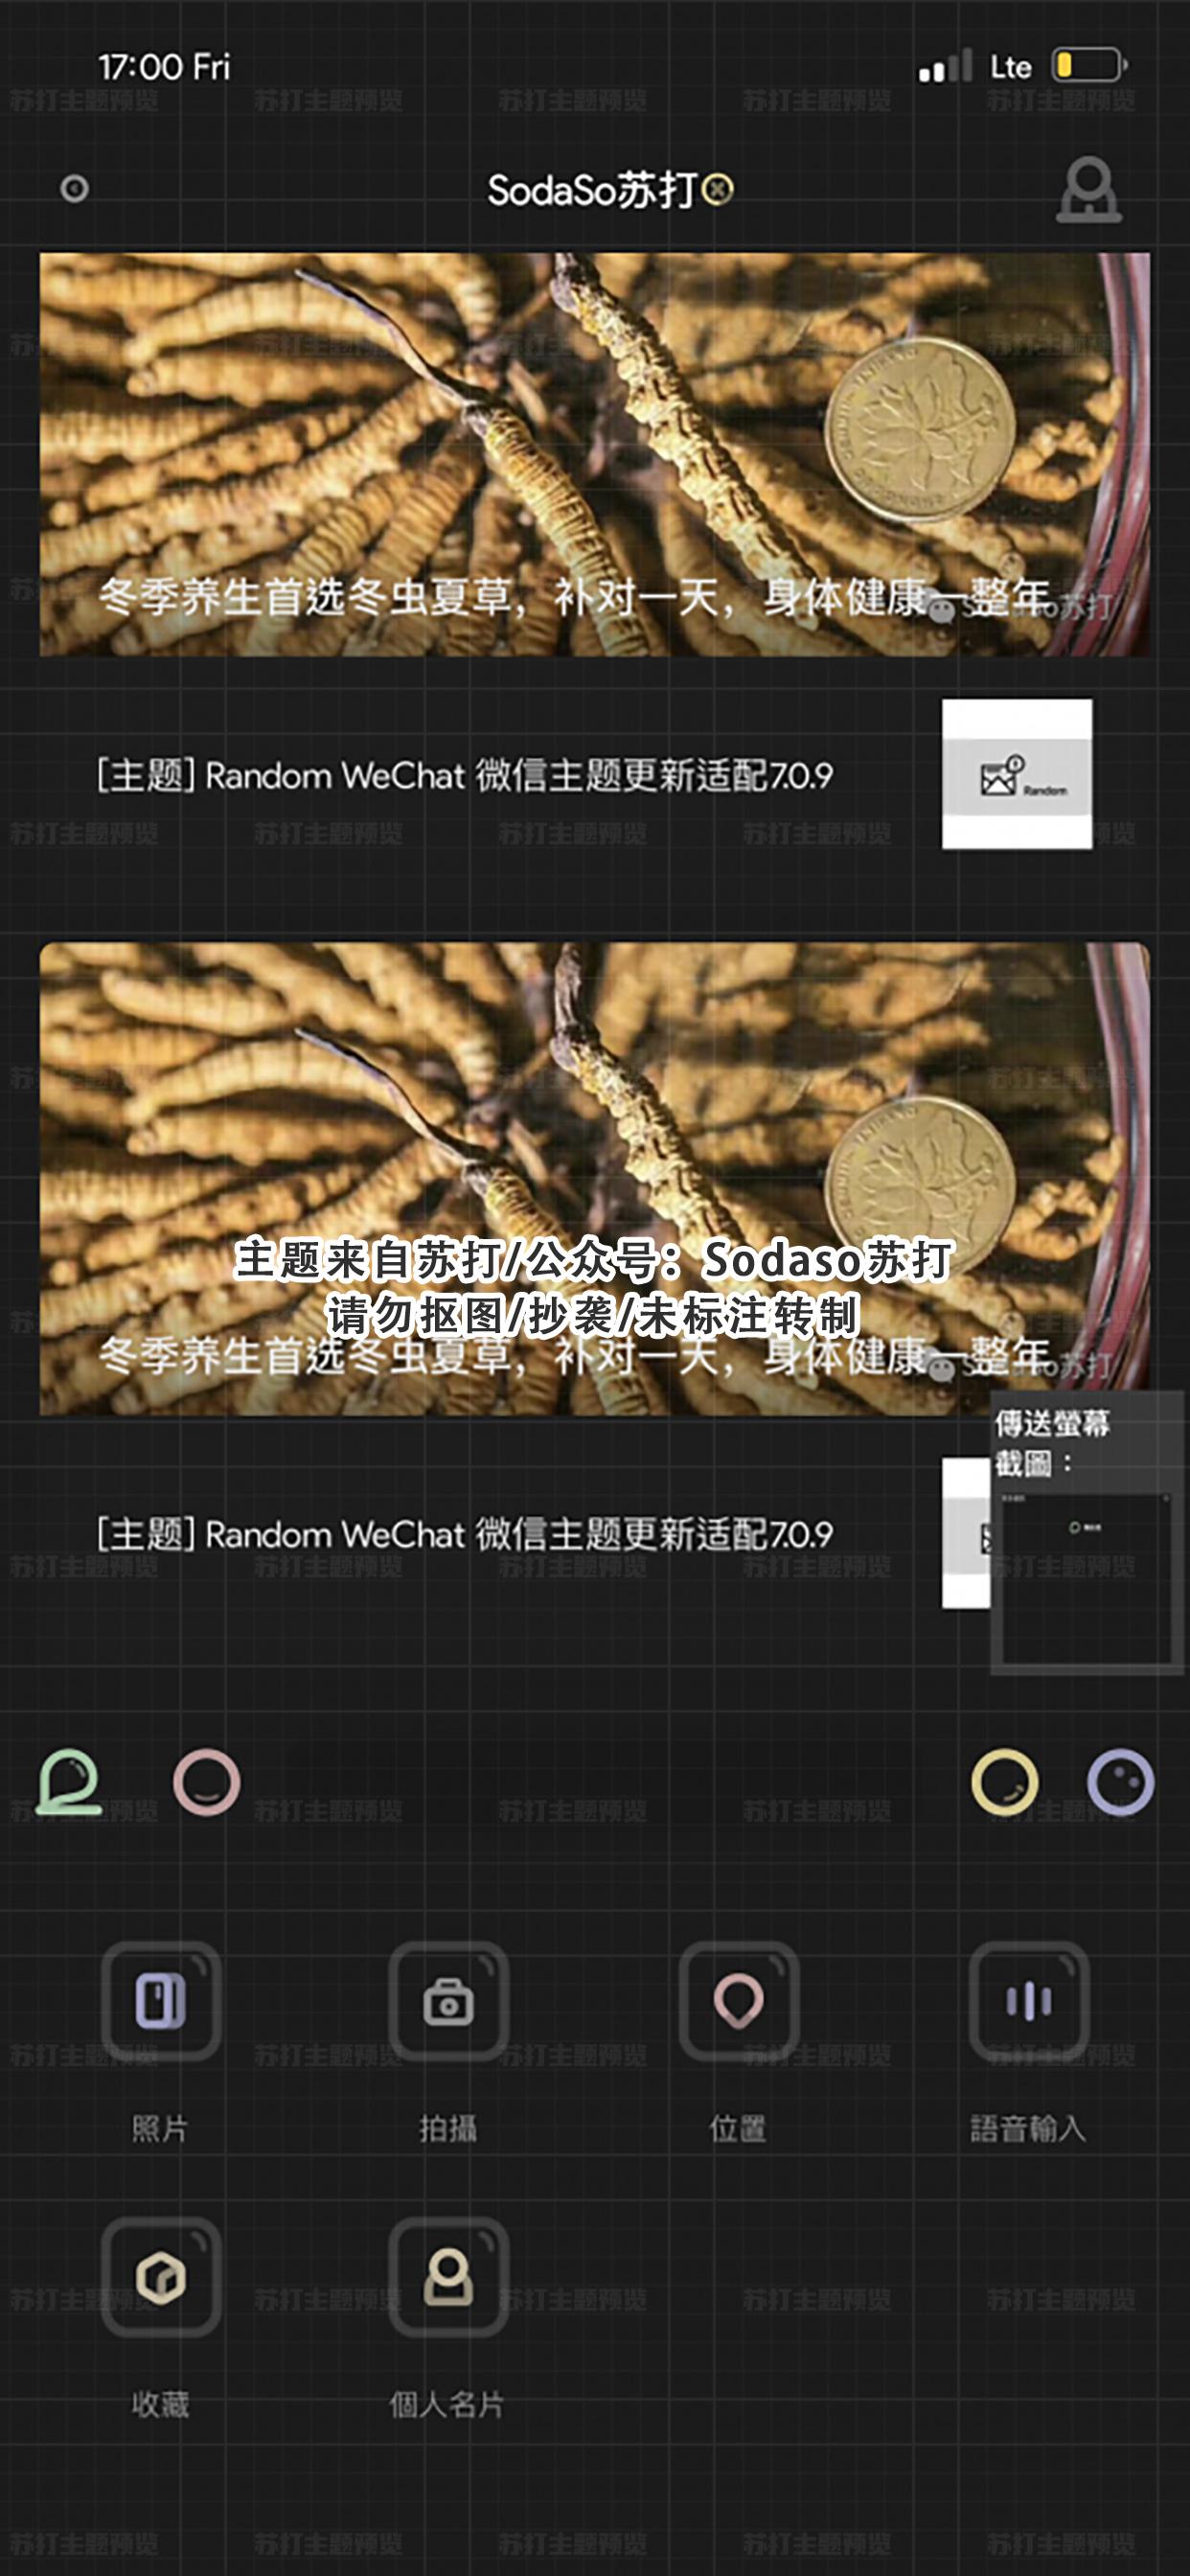 BubbleColor WeChatTheme(暗黑版微信主题) - 2.01